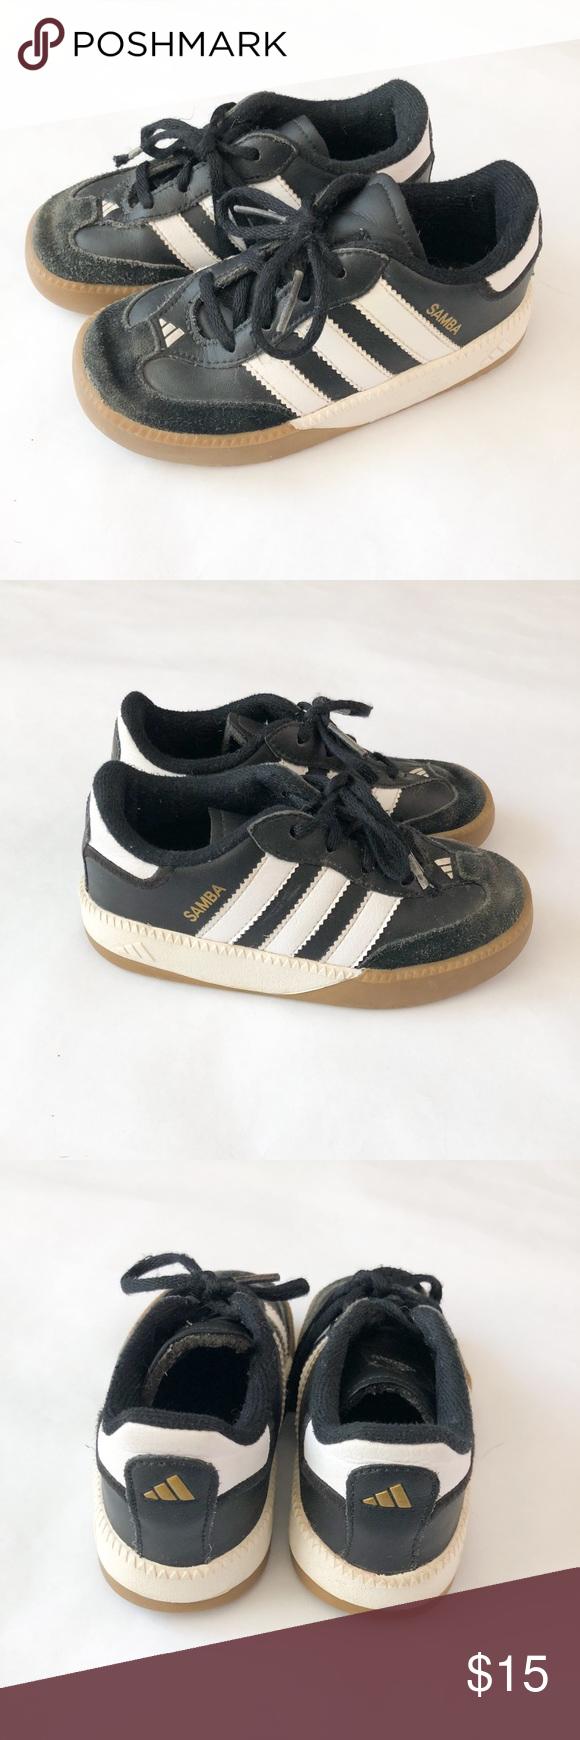 adidas samba toddler 9